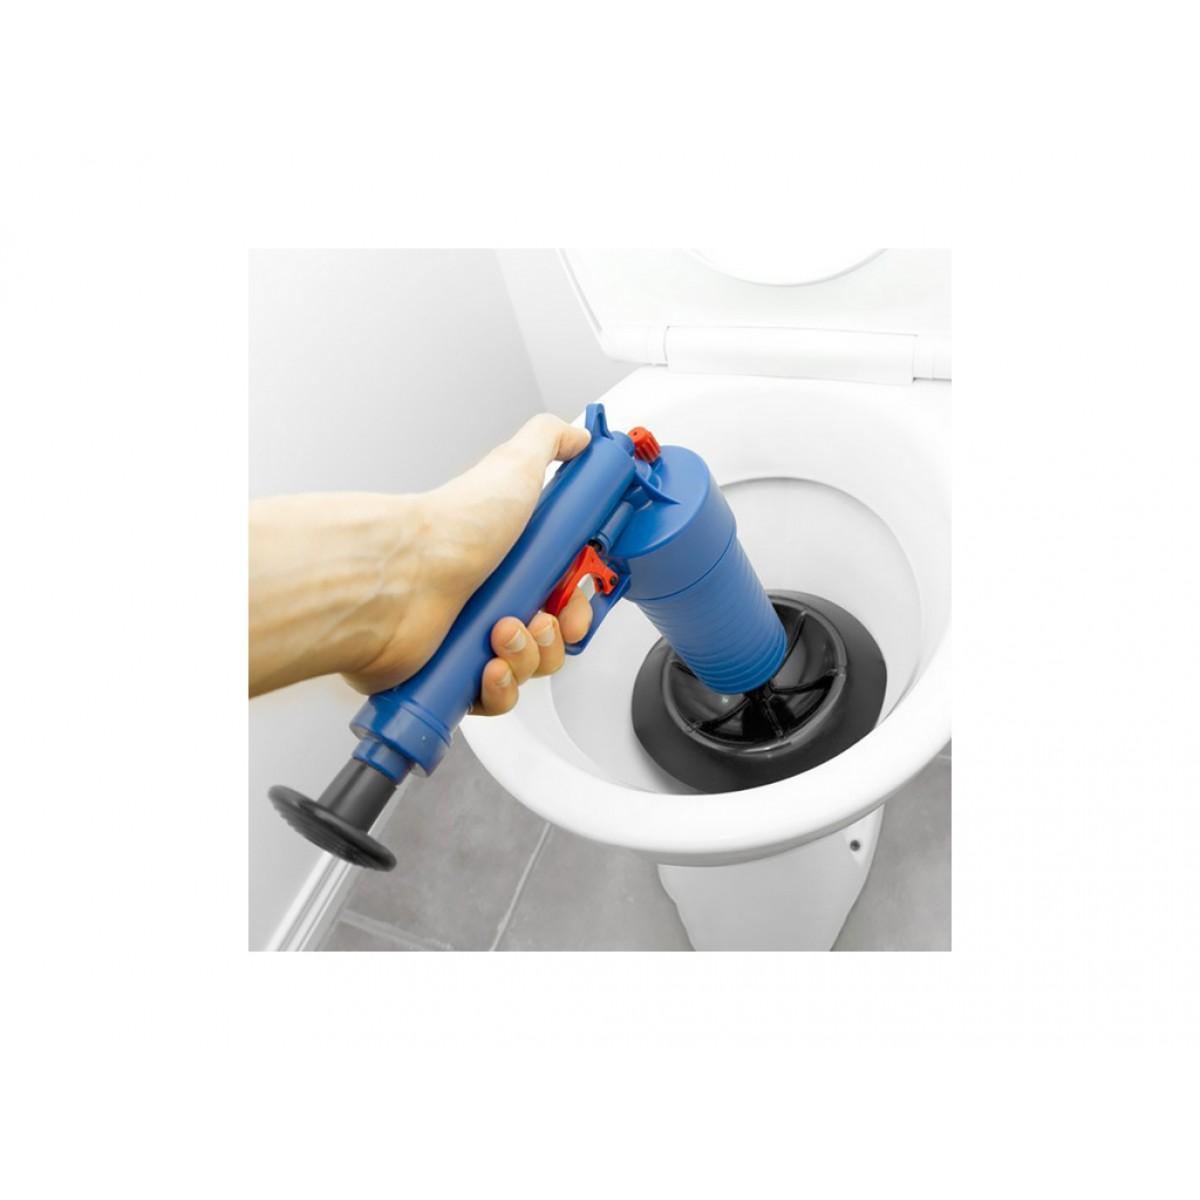 Συσκευή Απόφραξης Υψηλής Πίεσης Αποχετεύσεων και Σωληνώσεων – Air Blaster Professional